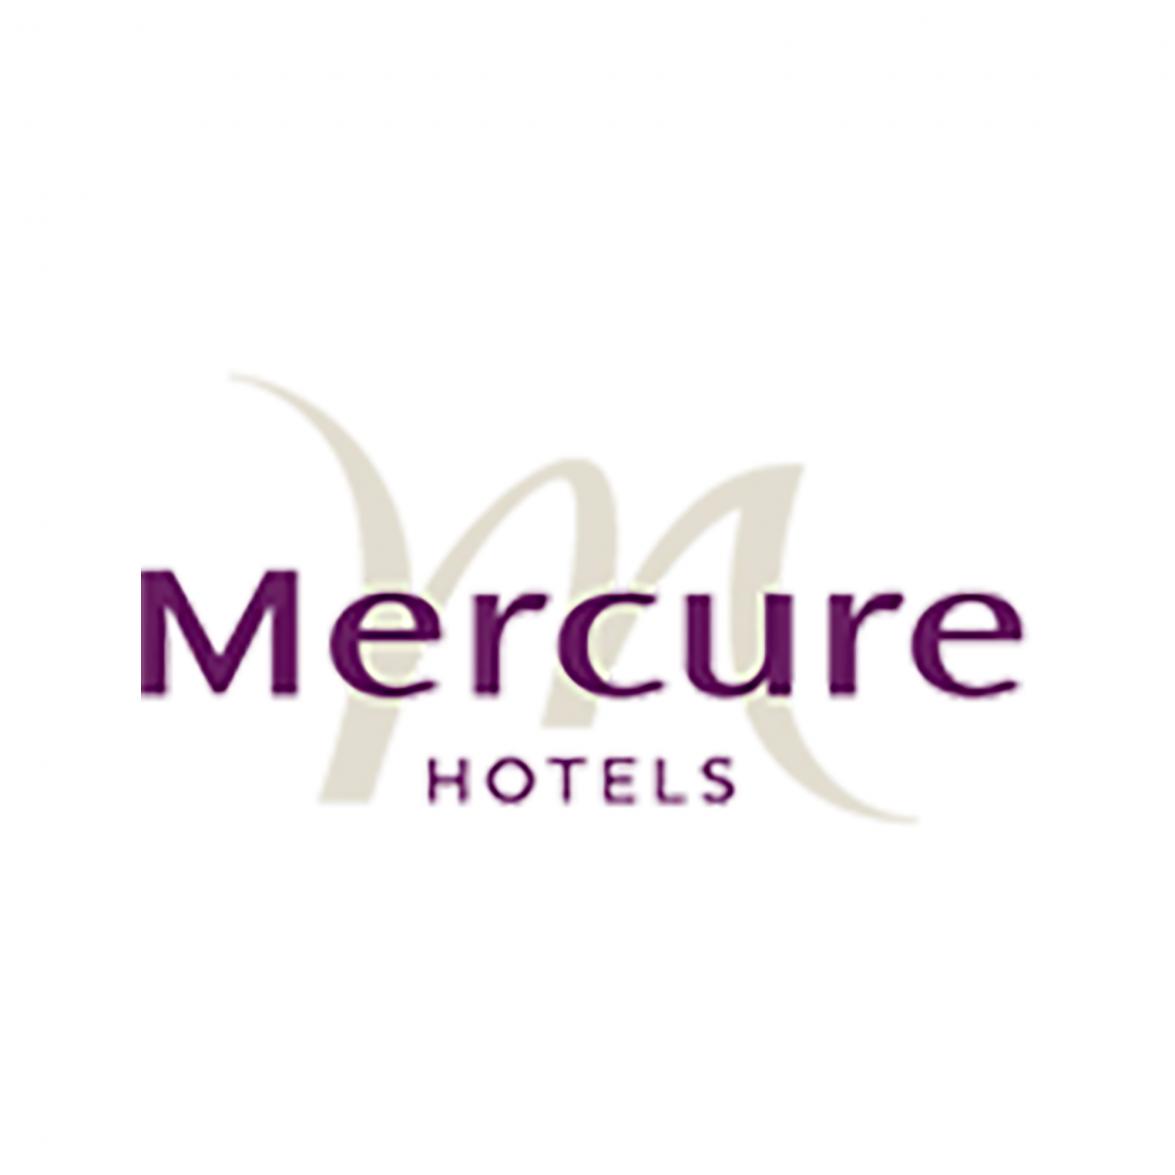 Angèle Von kiss - Mes clients - Mercure